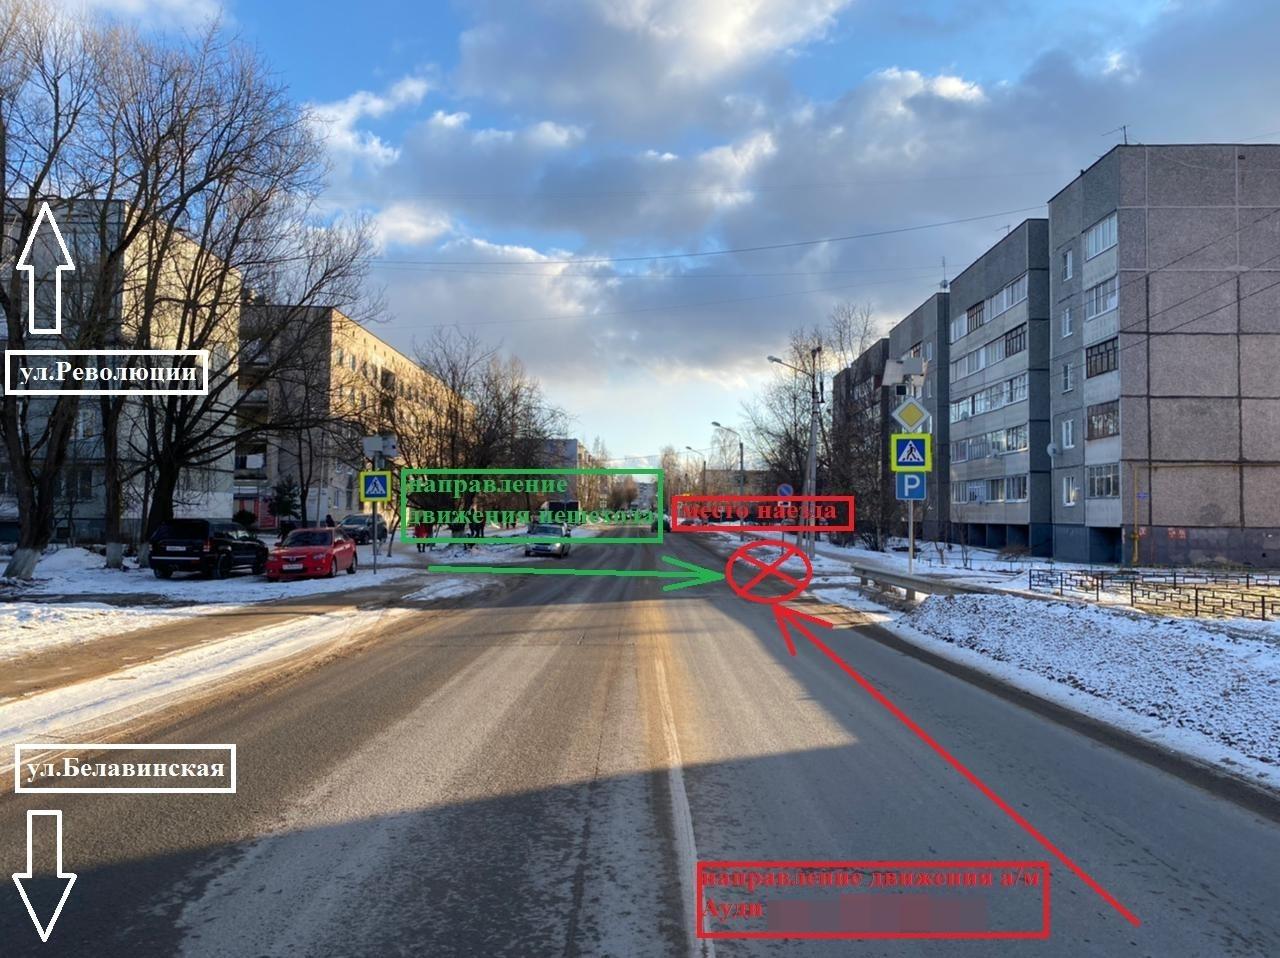 В Тверской области пьяный водитель сбил пешехода и уехал с места ДТП - новости Афанасий